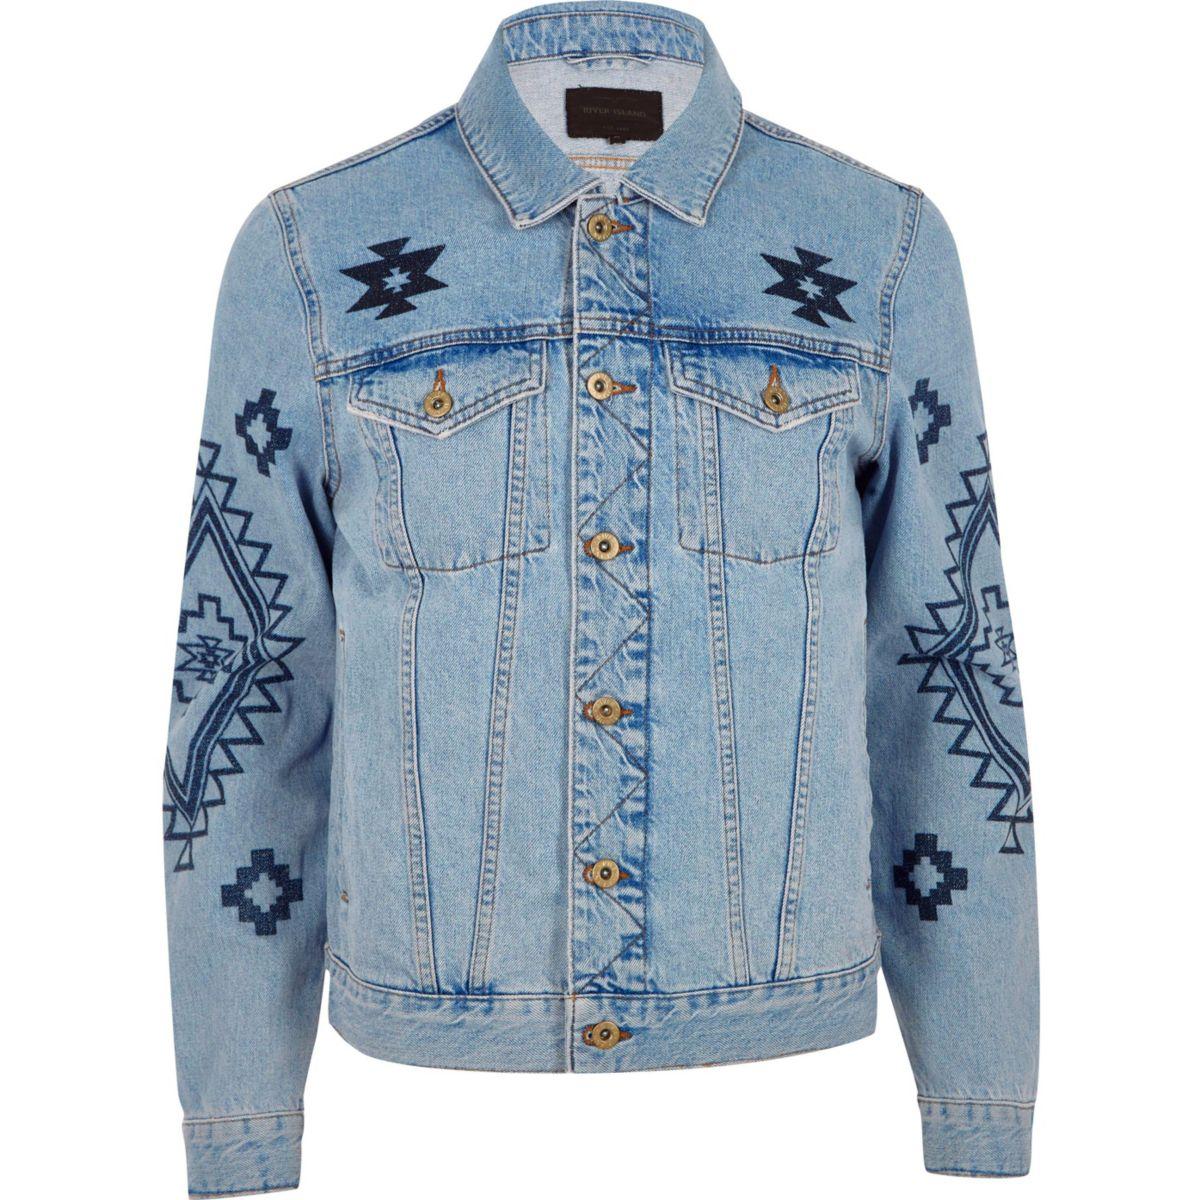 Blue aztec print denim jacket